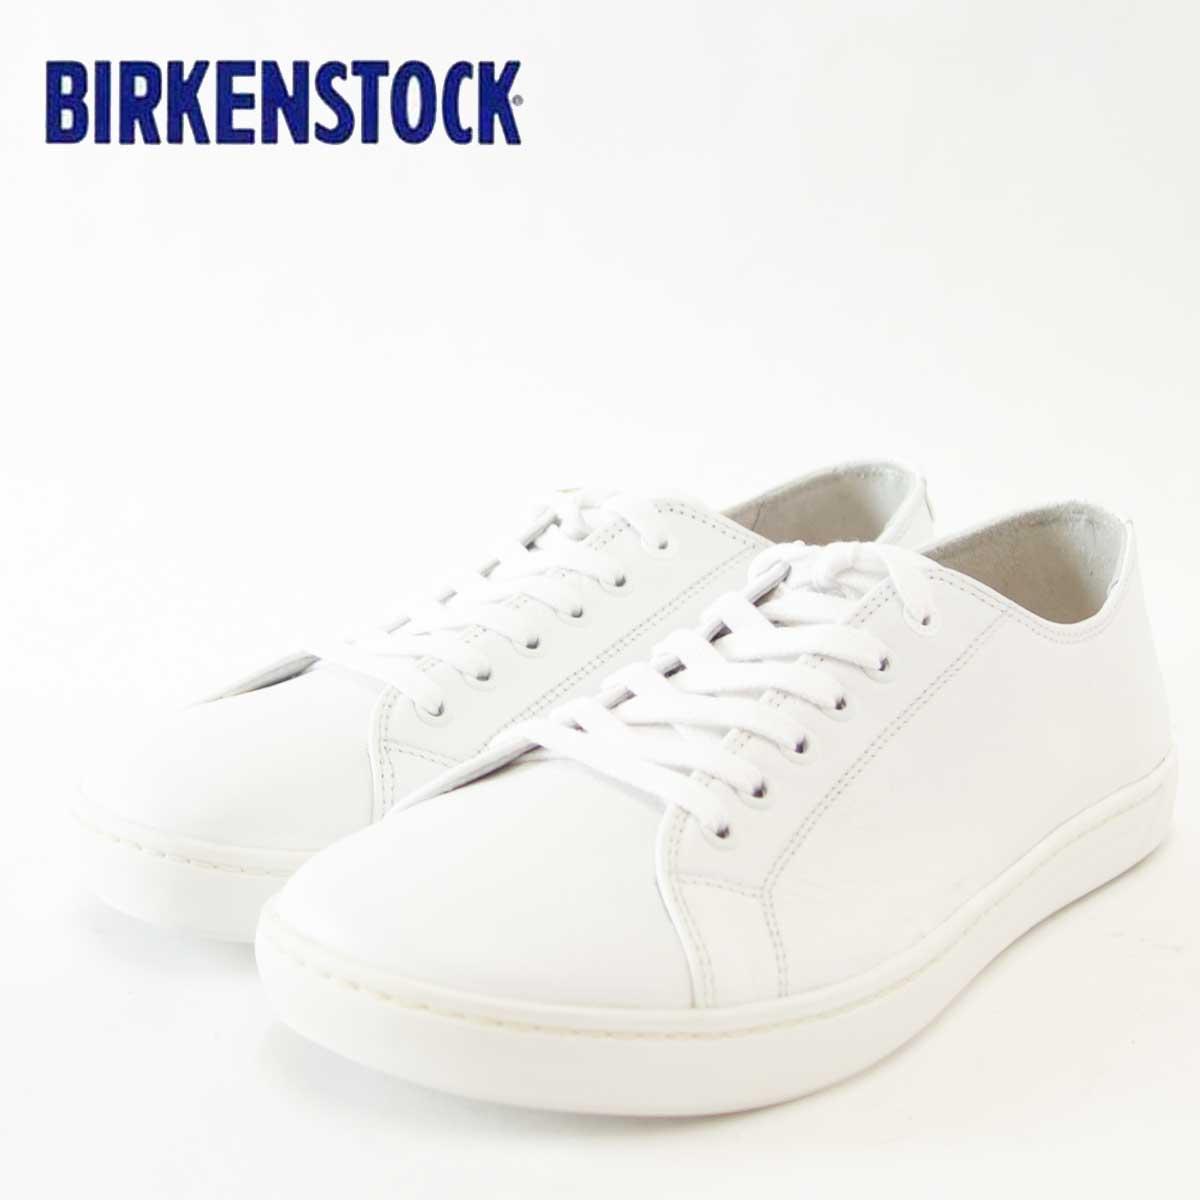 BIRKENSTOCK ビルケンシュトック ARRAN(アラン) 1000967(天然皮革/ホワイト)メンズお洒落なレースアップシューズ「靴」